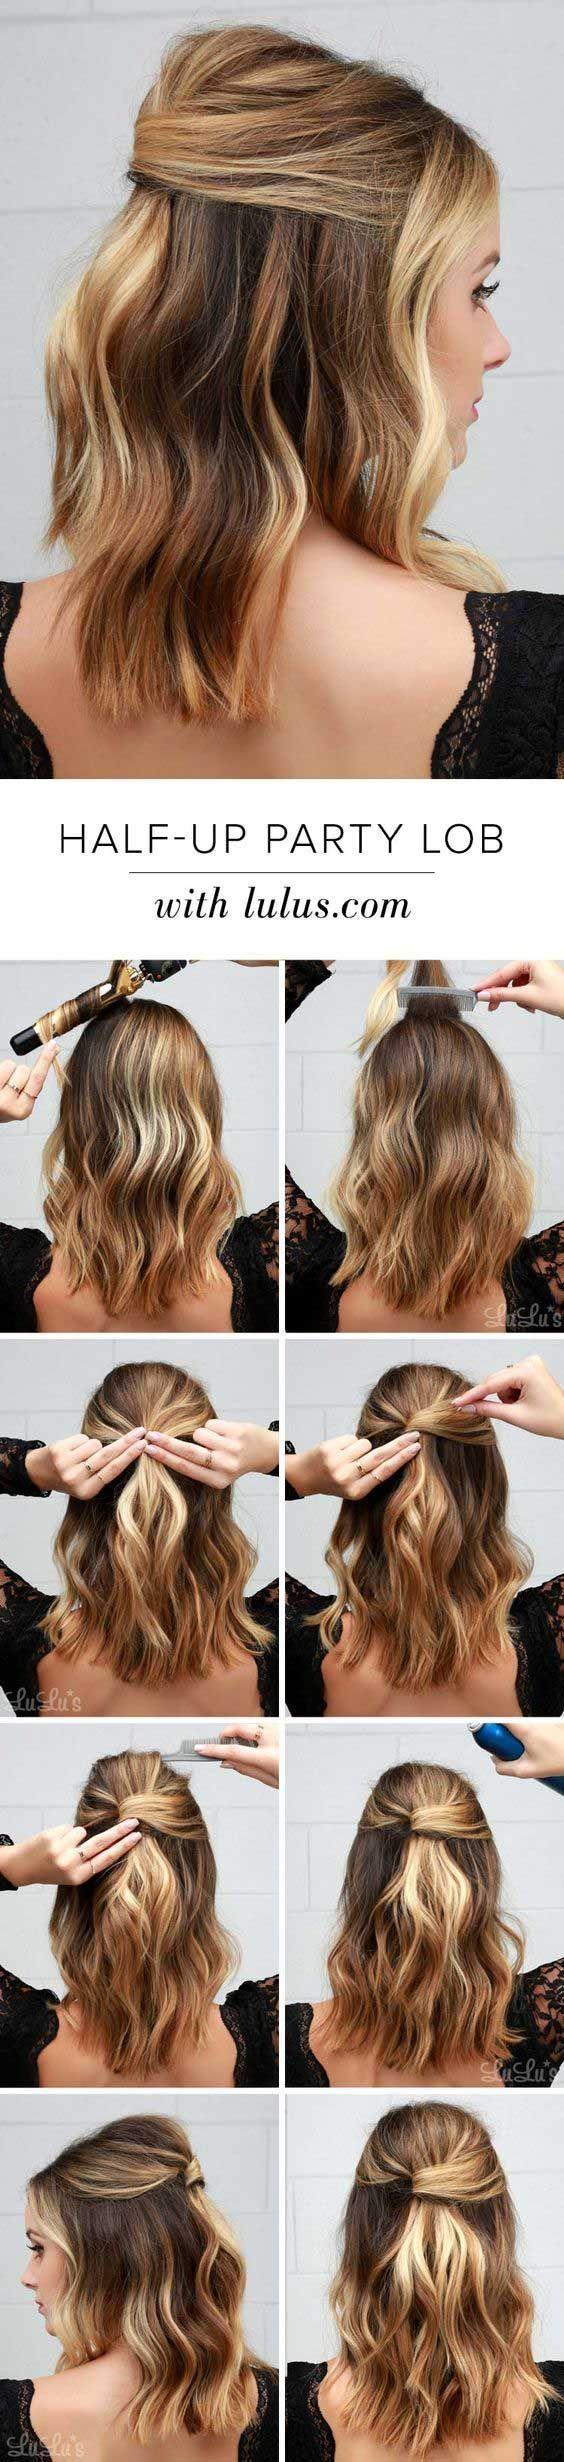 Peinados Que Tienes Que Hacerte Si Tienes Un Corte Bob Hair